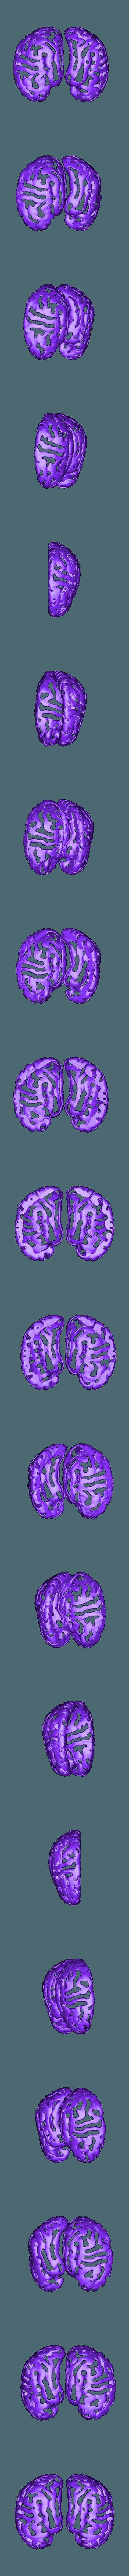 brain planter top drfempop.stl Télécharger fichier STL gratuit Jardinière de cerveau • Design à imprimer en 3D, DrFemPop